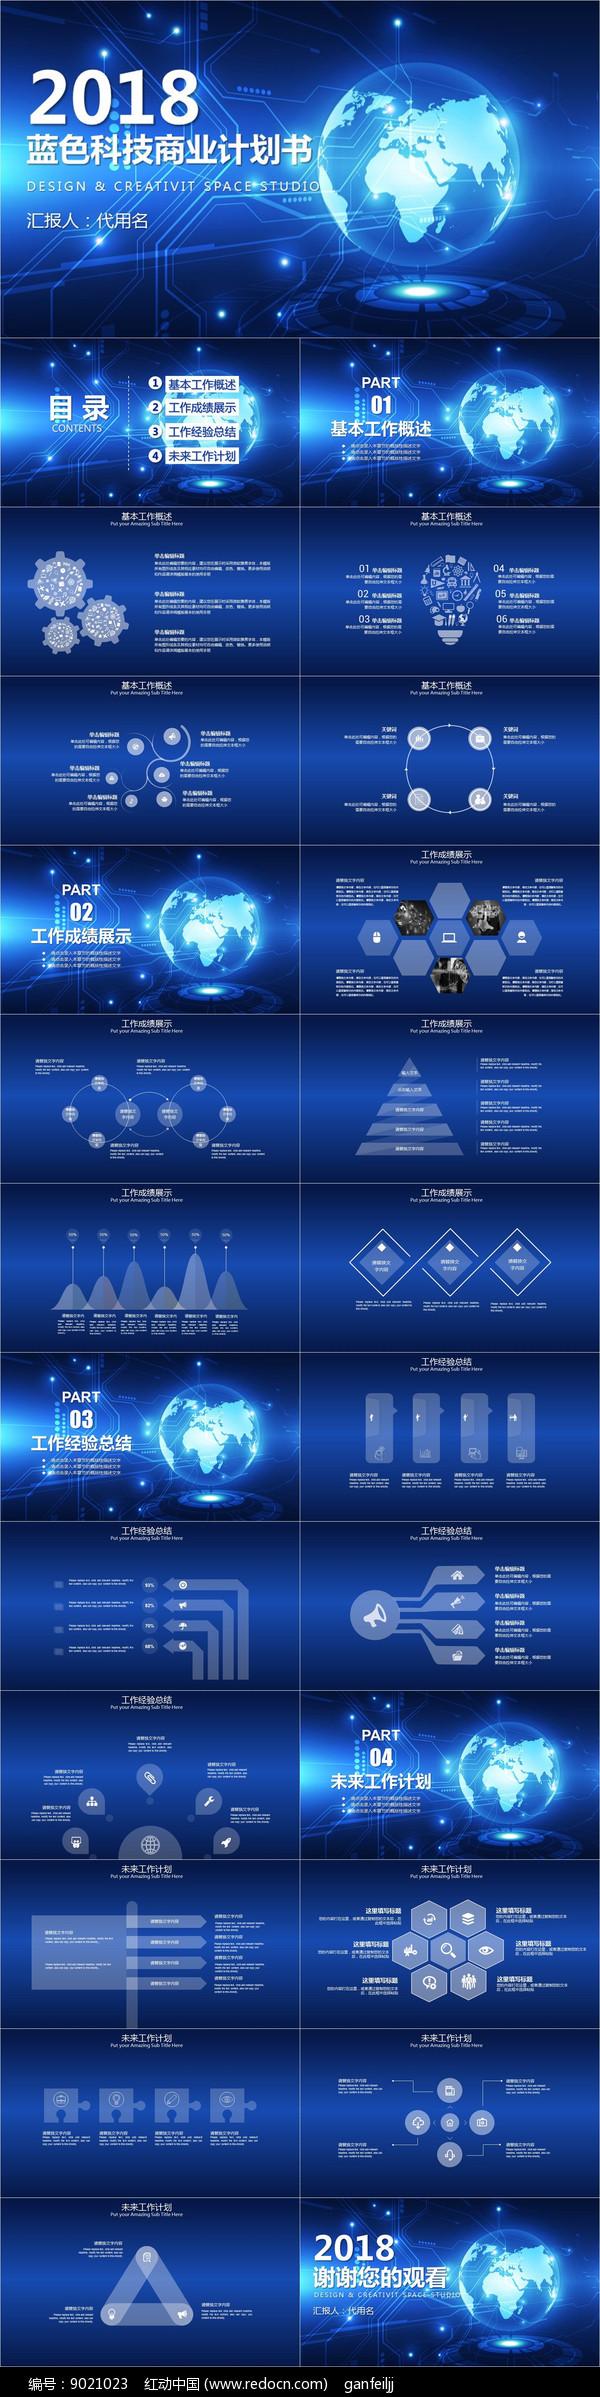 蓝色科技商业计划书PPT